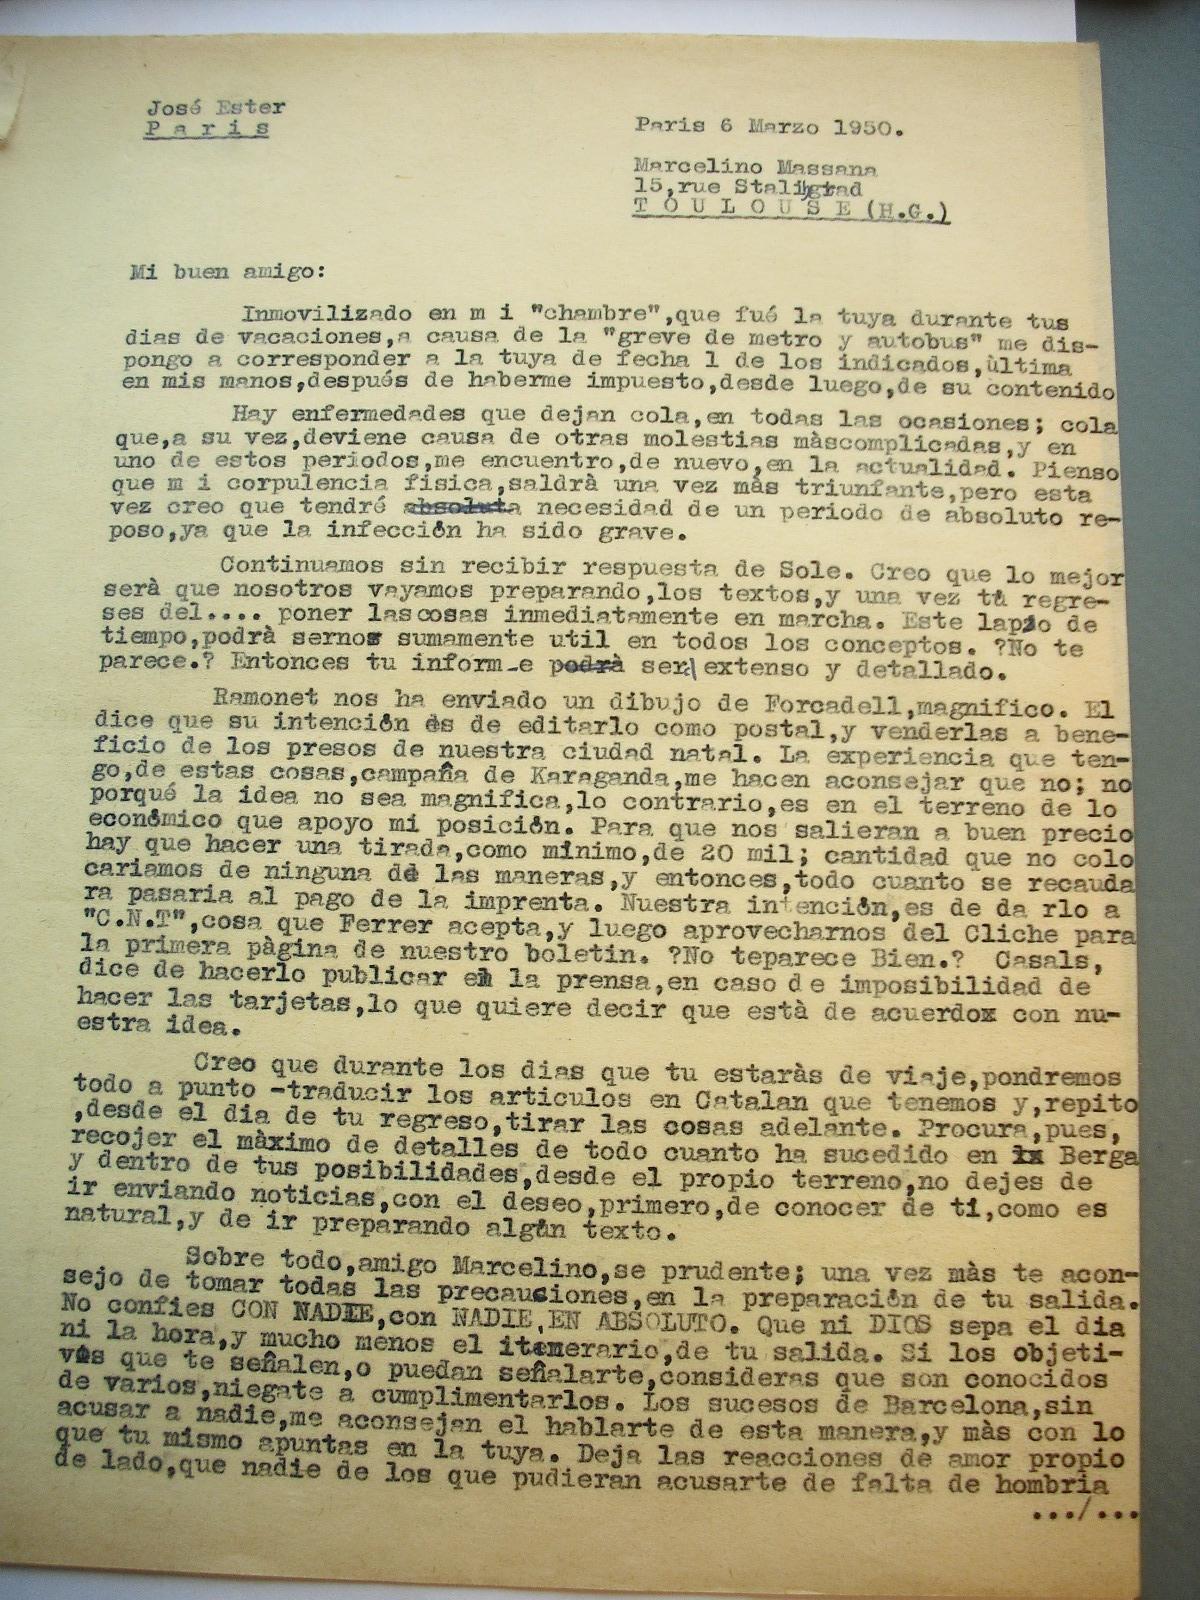 Correspondencia entre Josep Ester y Marcelino Massana, recalcando que actúe con total precaución ante las infiltraciones.